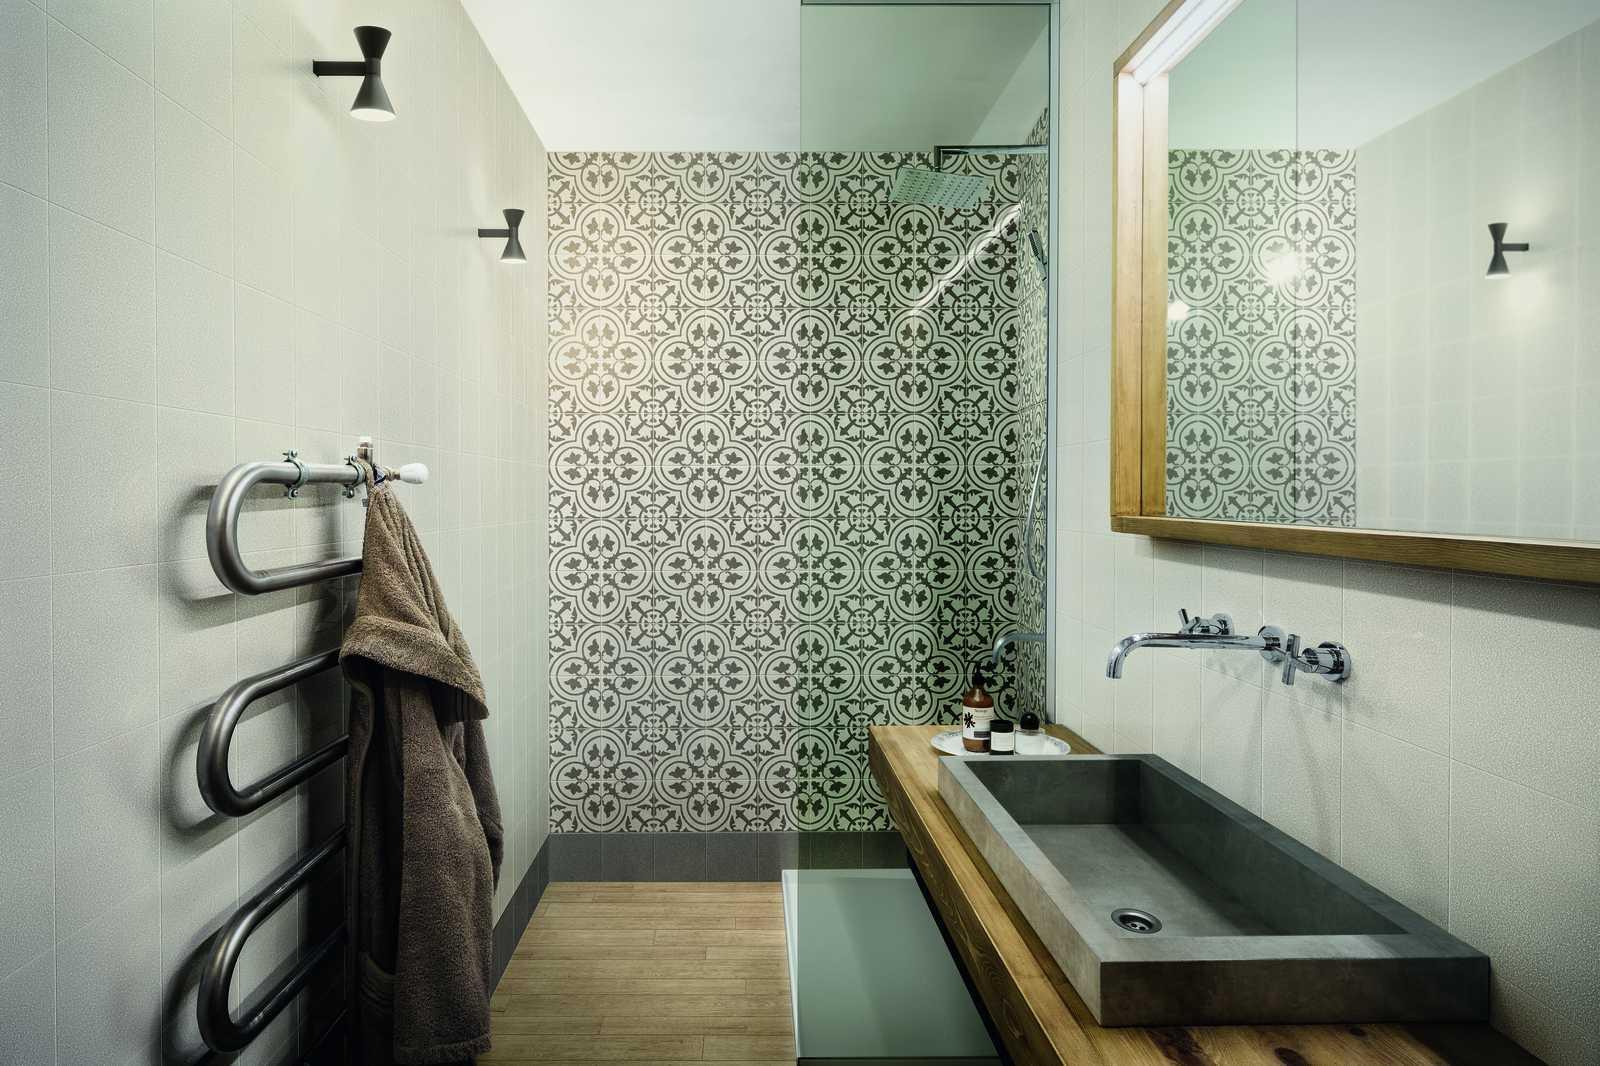 Bathroom flooring in porcelain stoneware ragno - Mattonelle bagno ragno ...